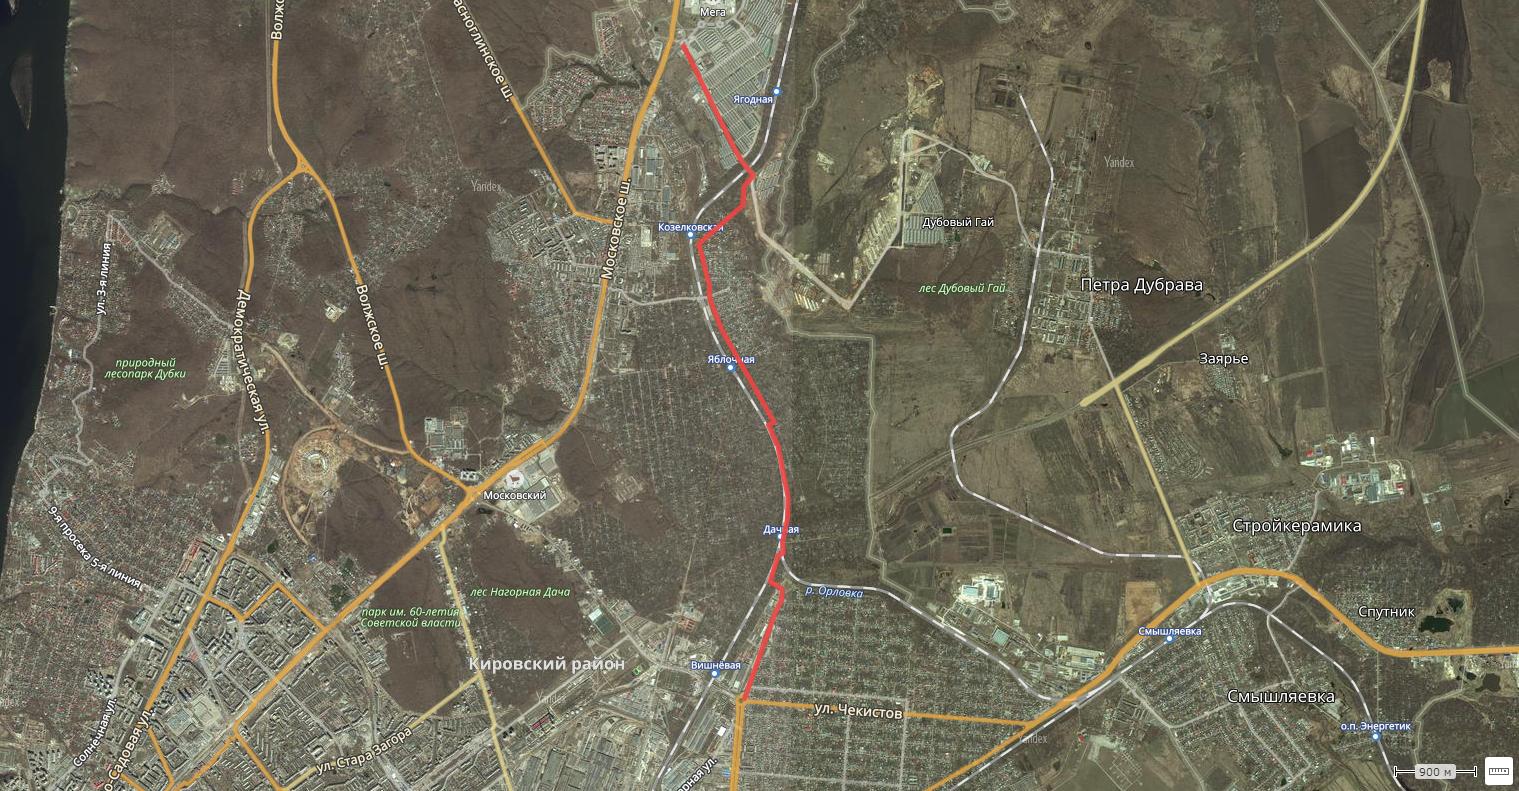 В объезд пробки на Московском шоссе (карта)